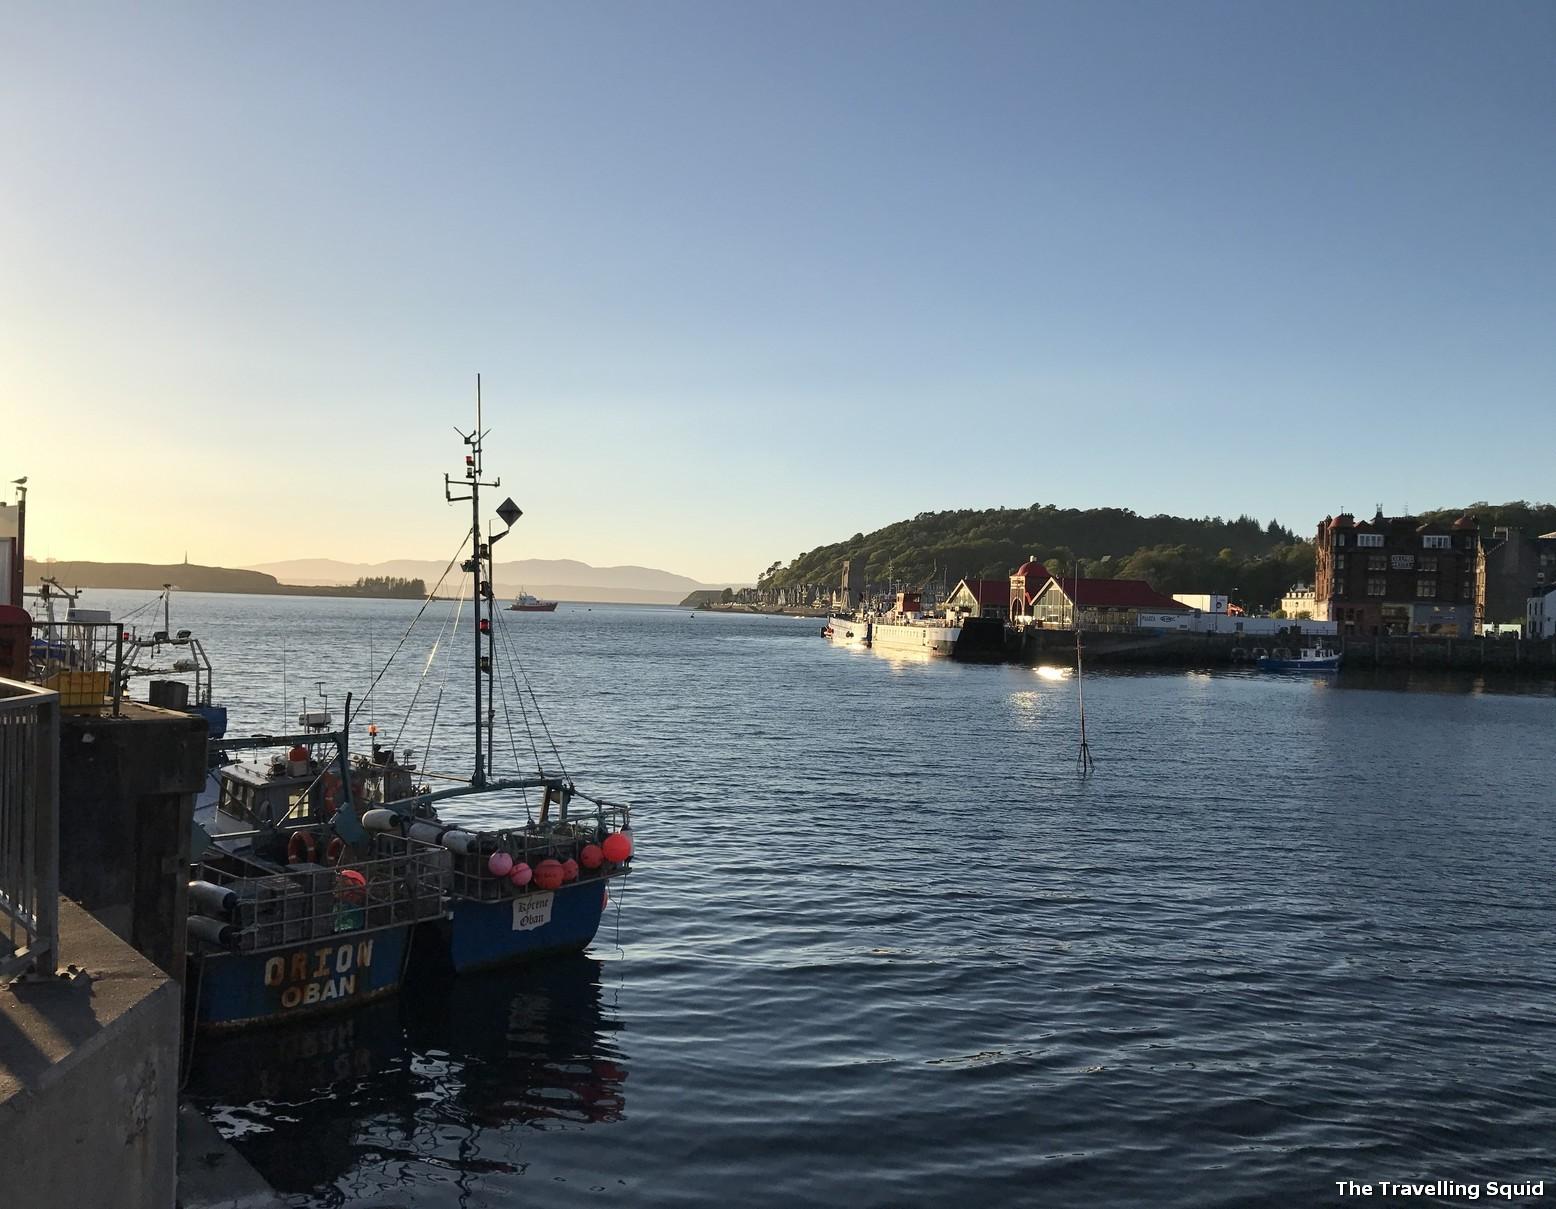 sunset oban seaside town